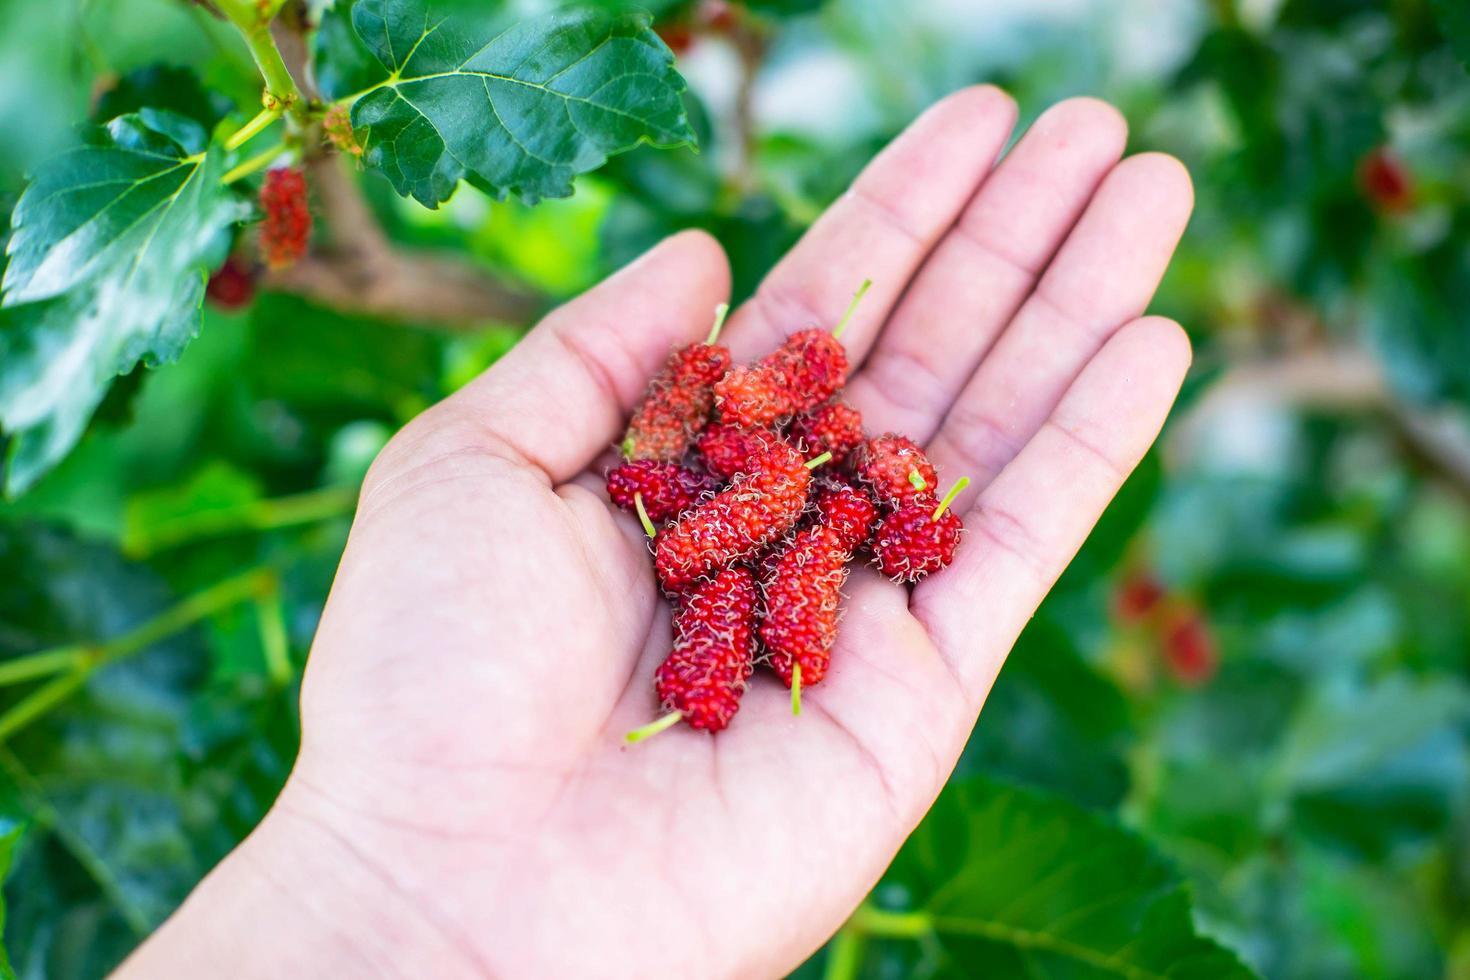 frische Maulbeerfrüchte in der Hand foto